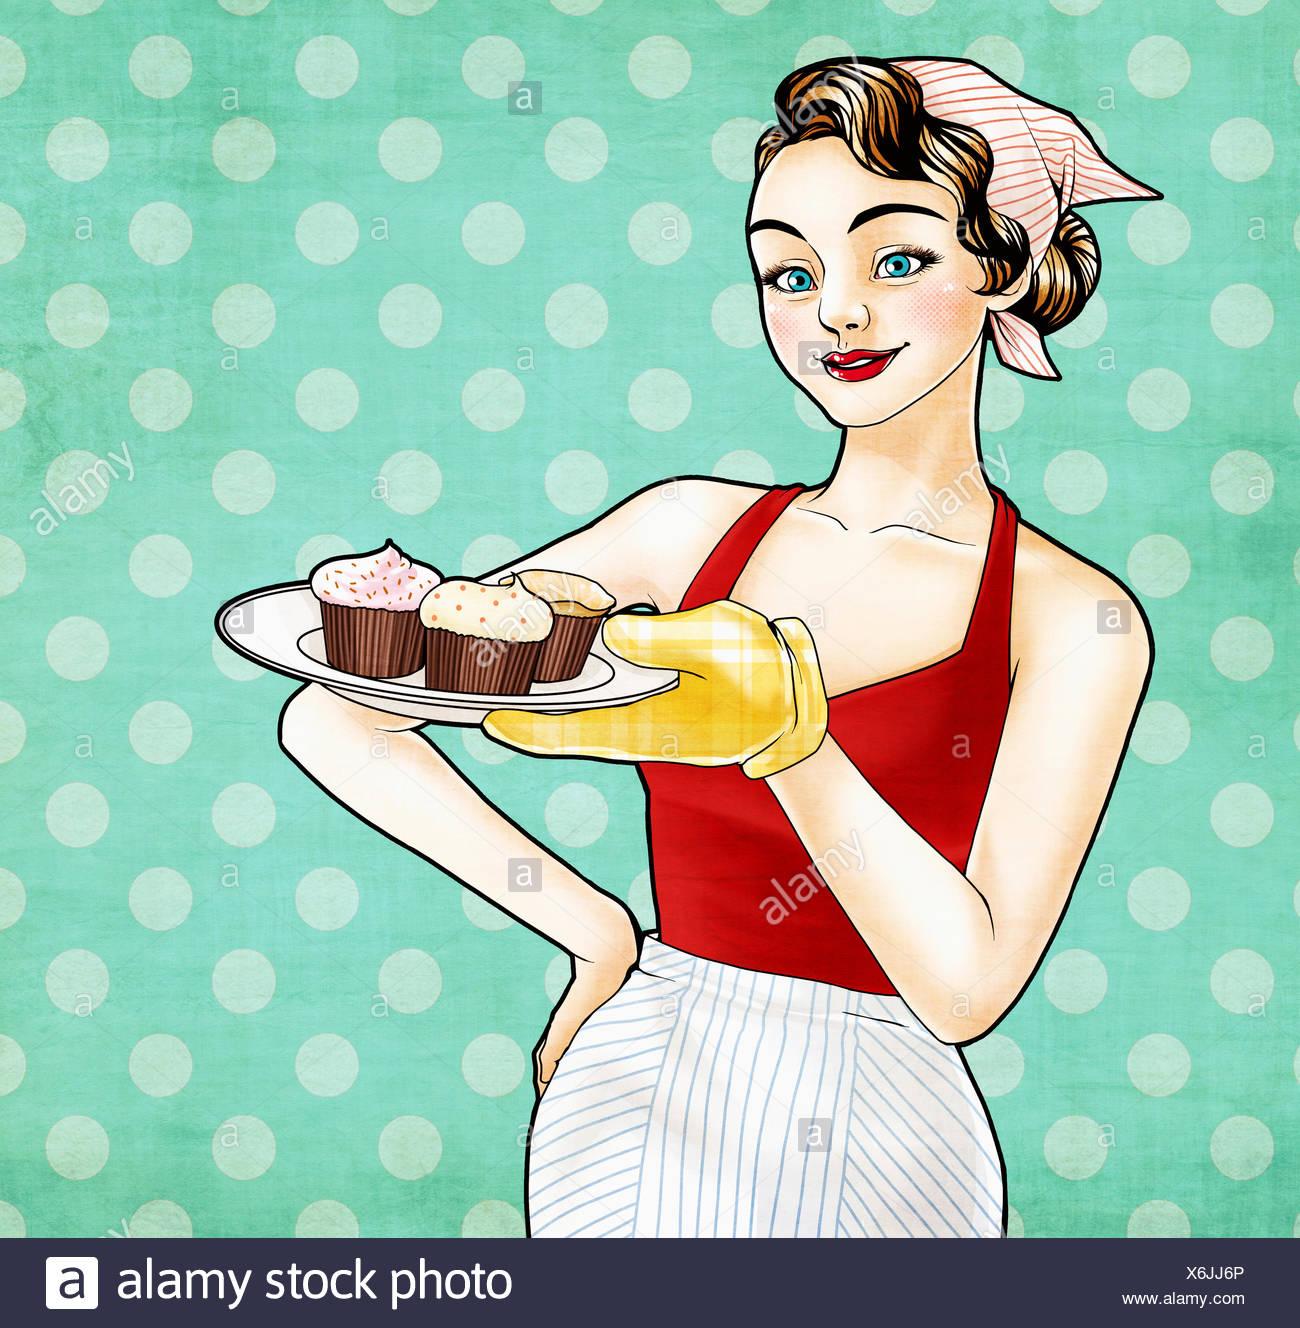 Baking clipart Cute baking girls clipart cupcake chef   Etsy   Cute baking, Clip  art, Girl clipart